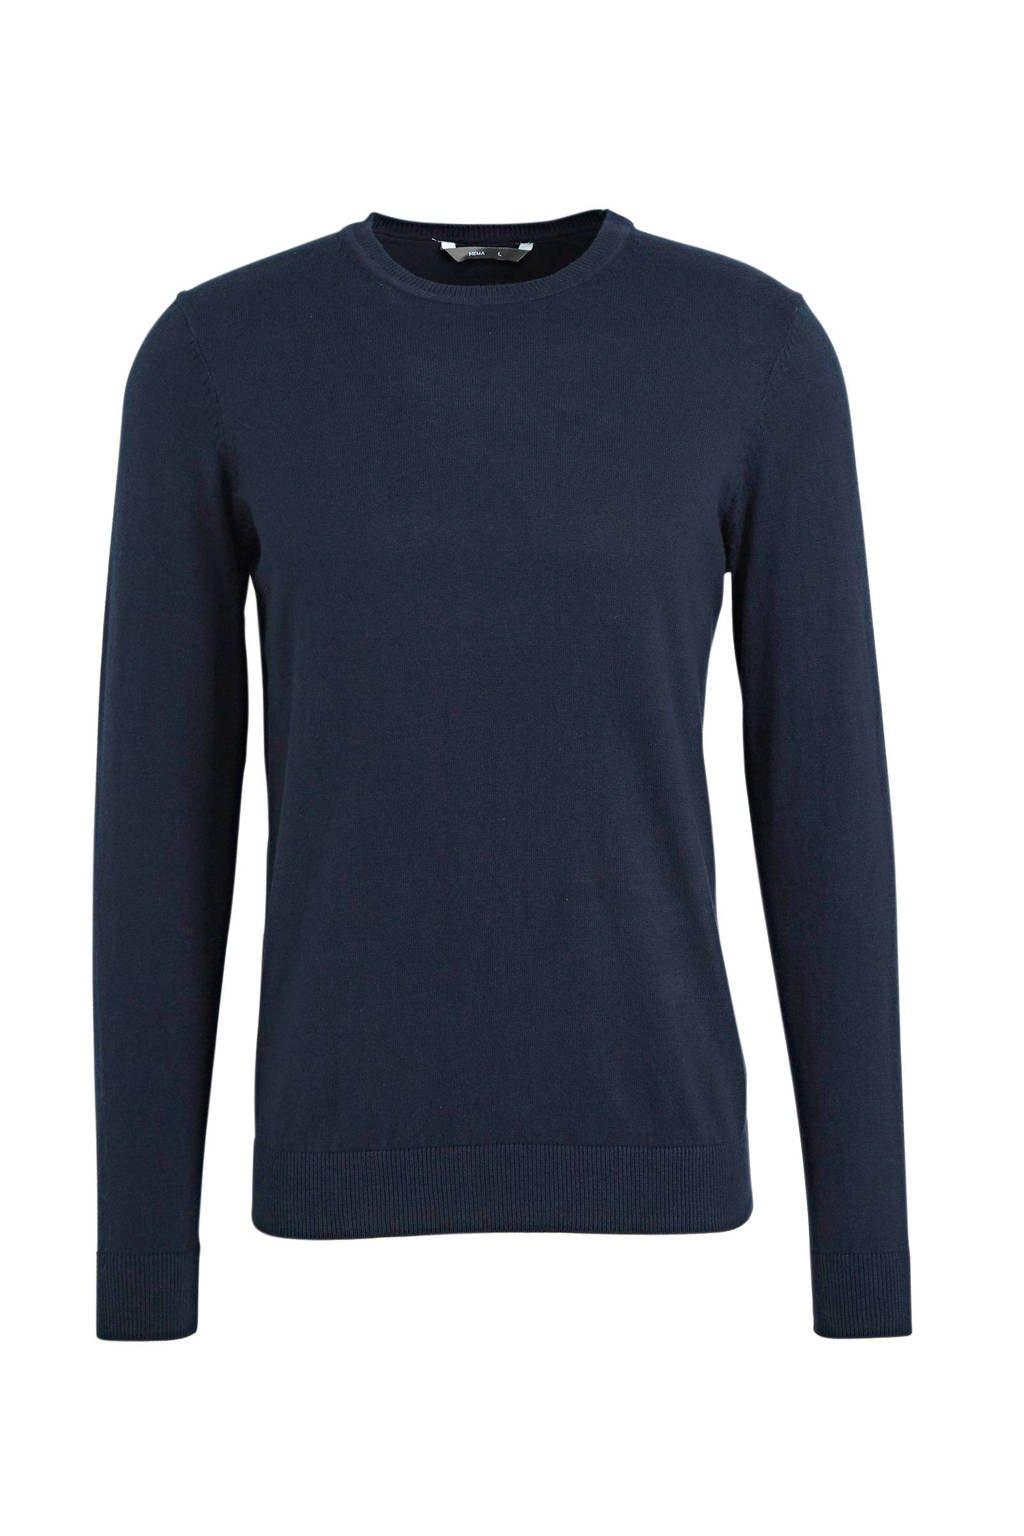 HEMA trui donkerblauw, Donkerblauw